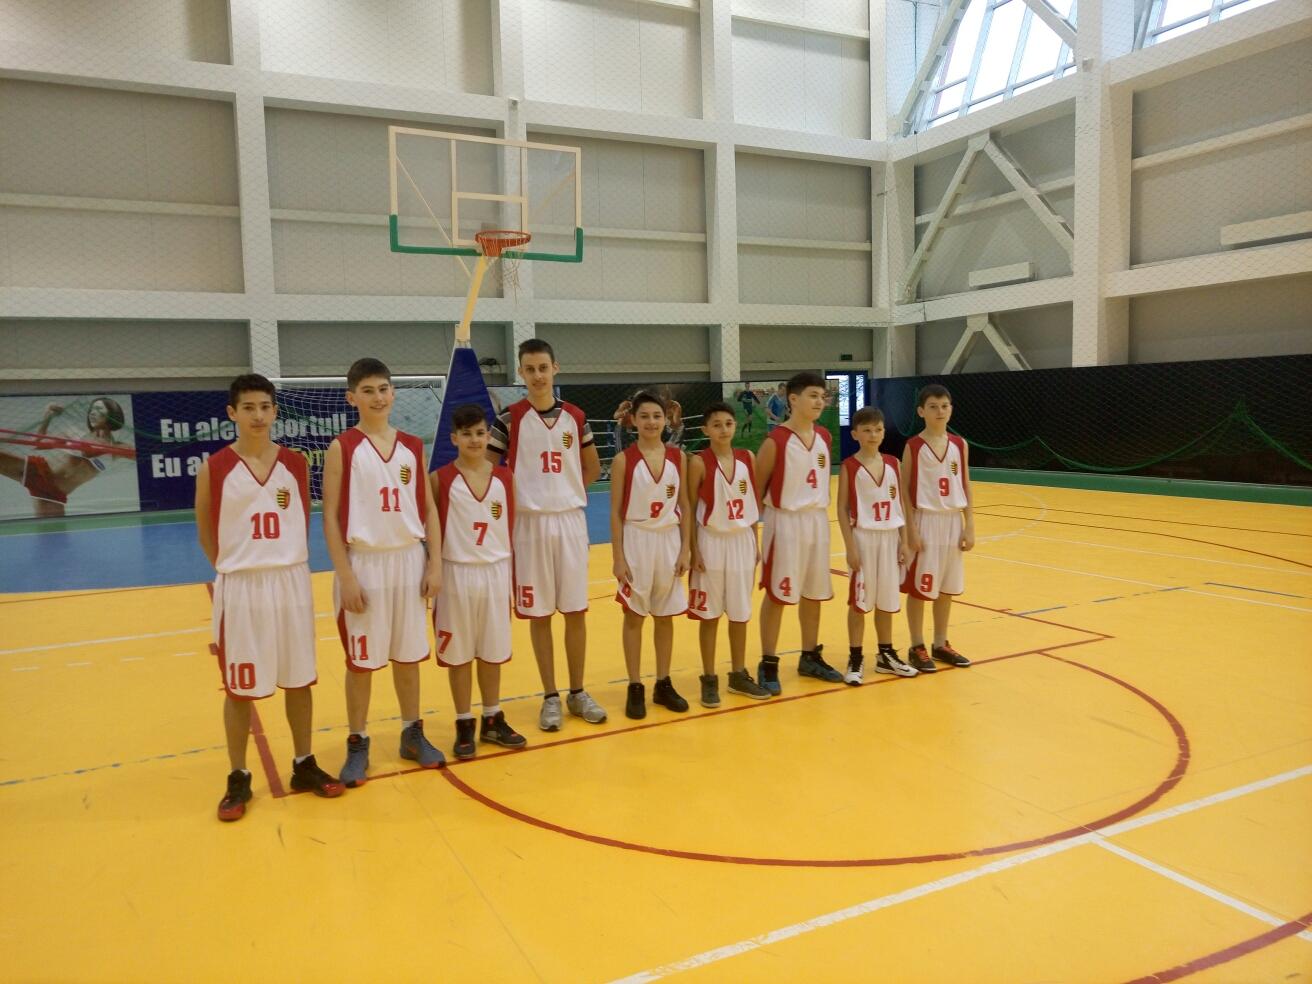 (Русский) 08-12 марта 2017 года первый этап Чемпионата Р.Молдова по баскетболу